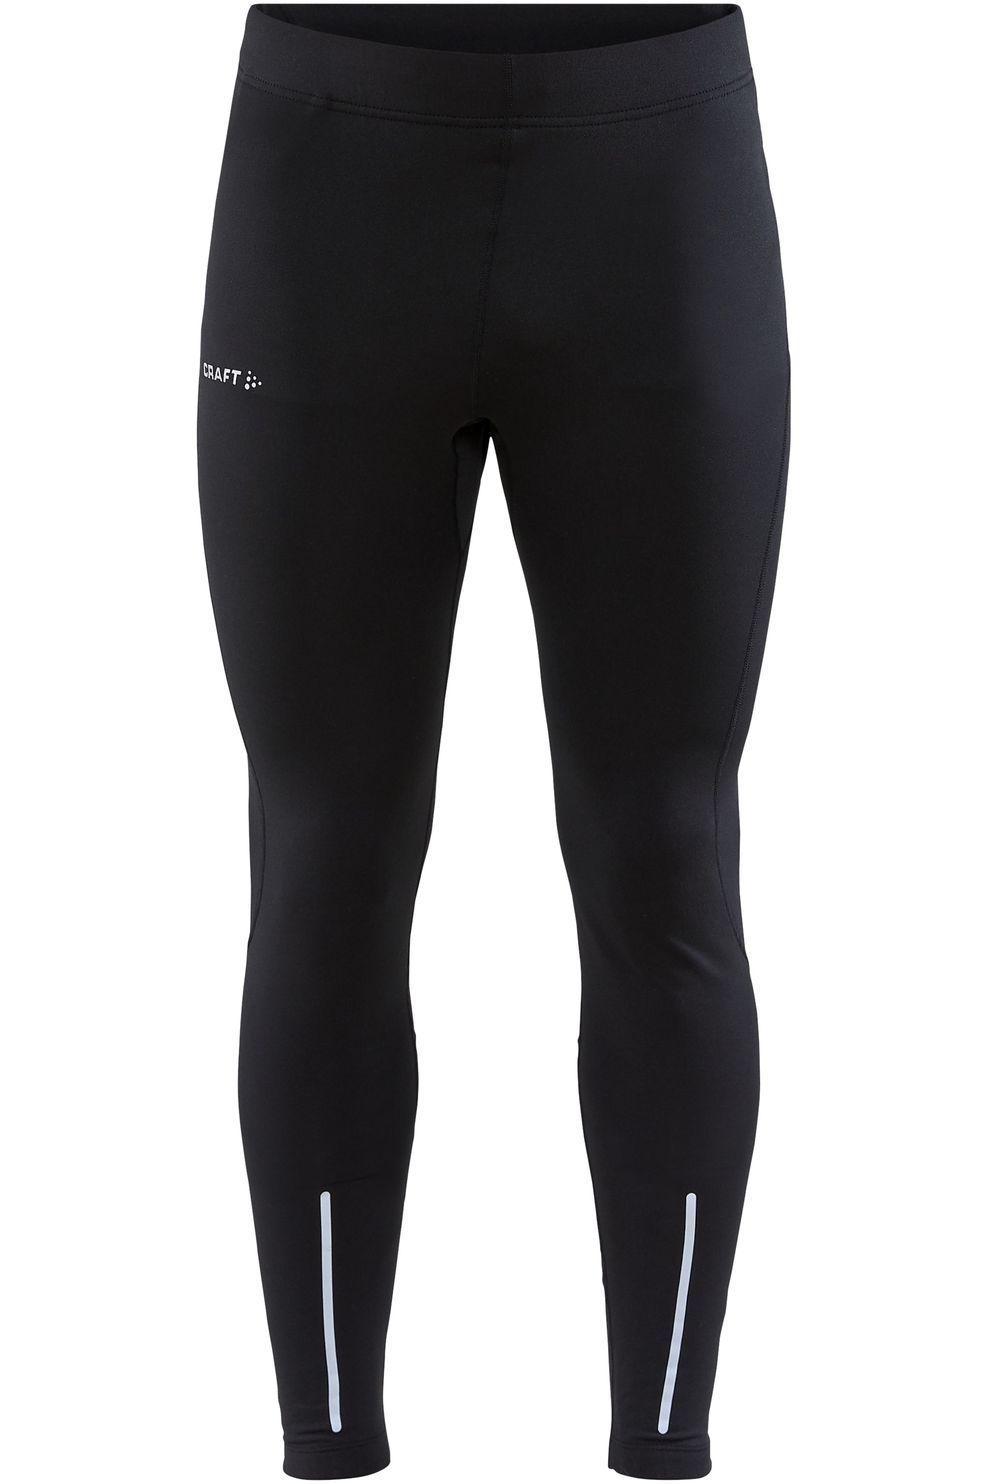 Craft Legging Adv Essence Warm Tights M voor heren - Zwart - Maat: S - Nieuwe collectie